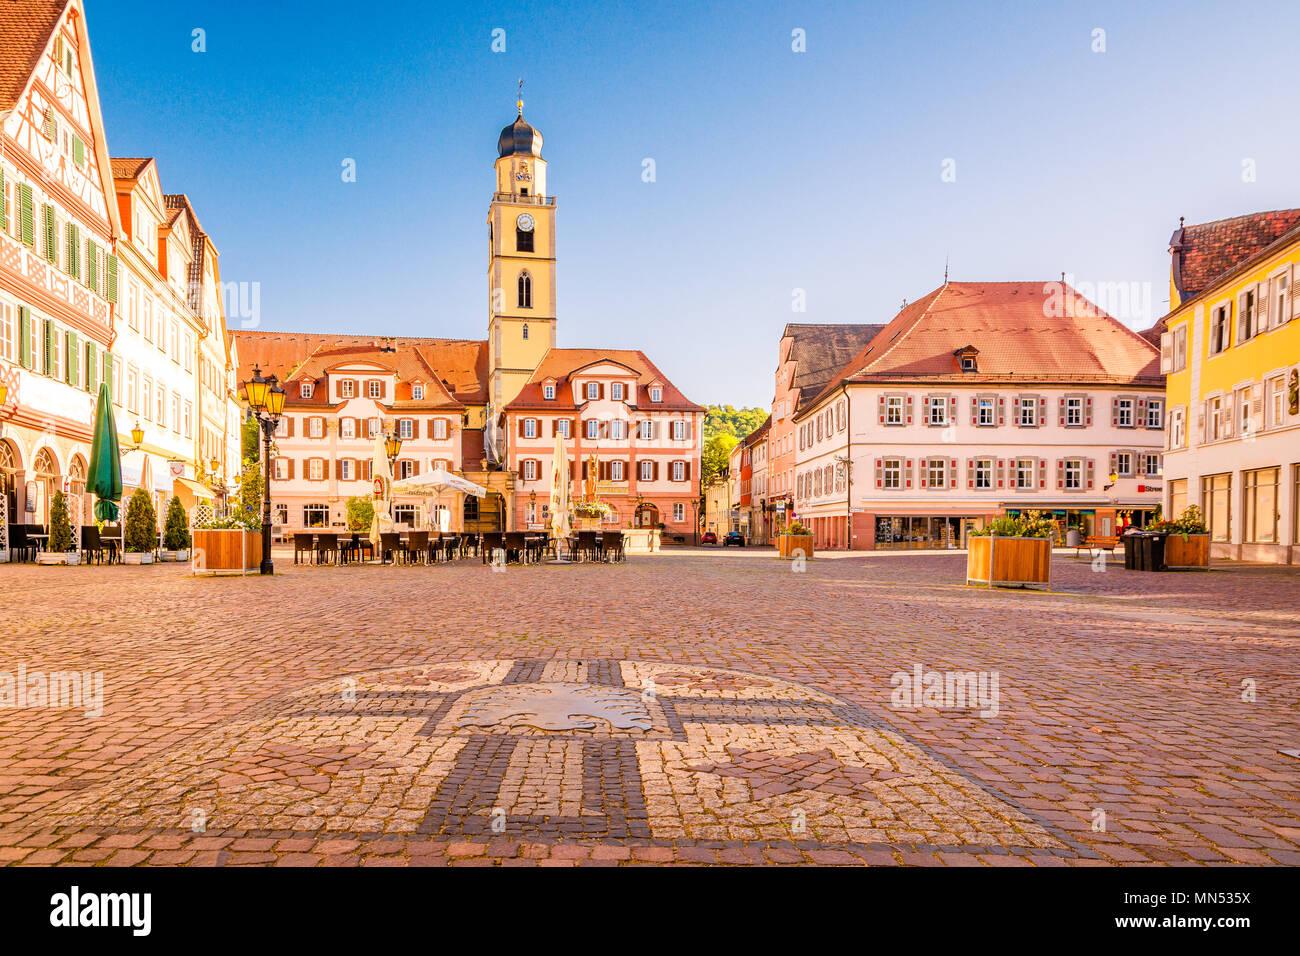 Schöne Aussicht auf die Altstadt von Bad Mergentheim - Teil der Romantischen Straße, Bayern, Deutschland Stockbild